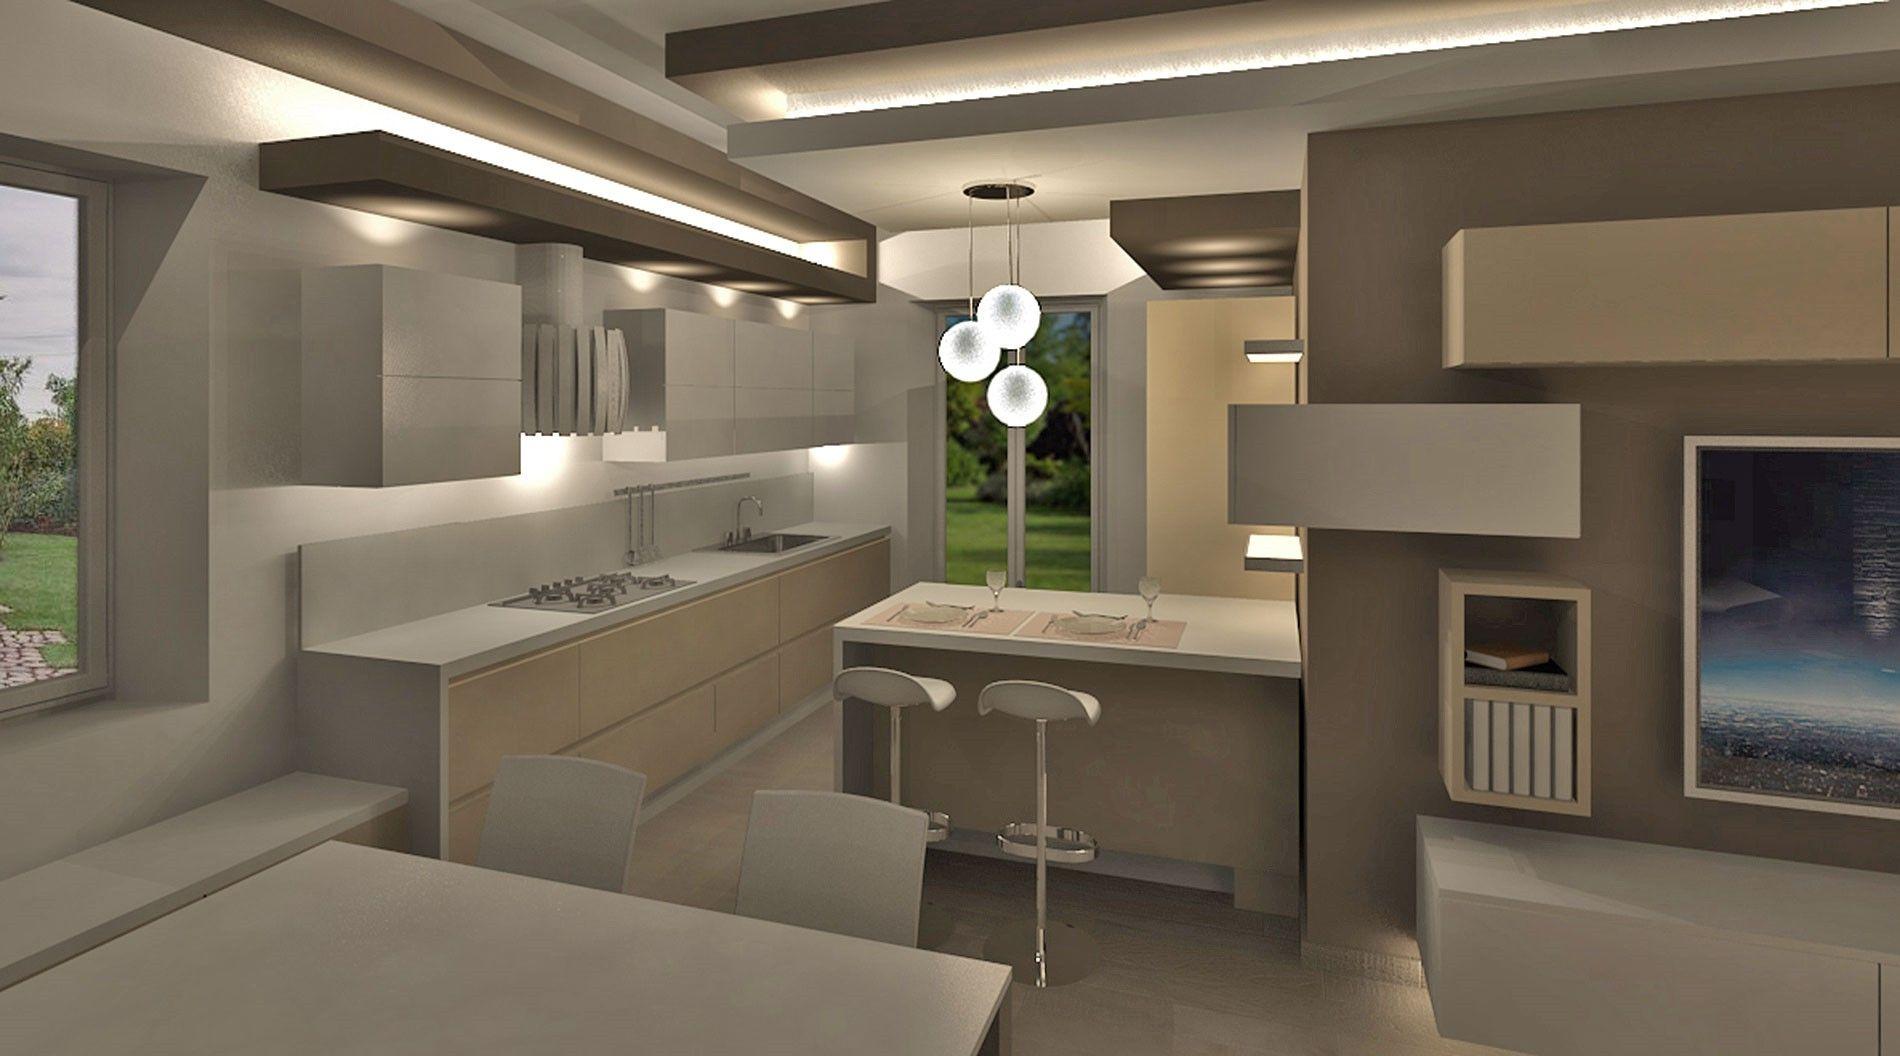 Come arredare una casa piccola moderna cerca con google for Arredare una casa moderna